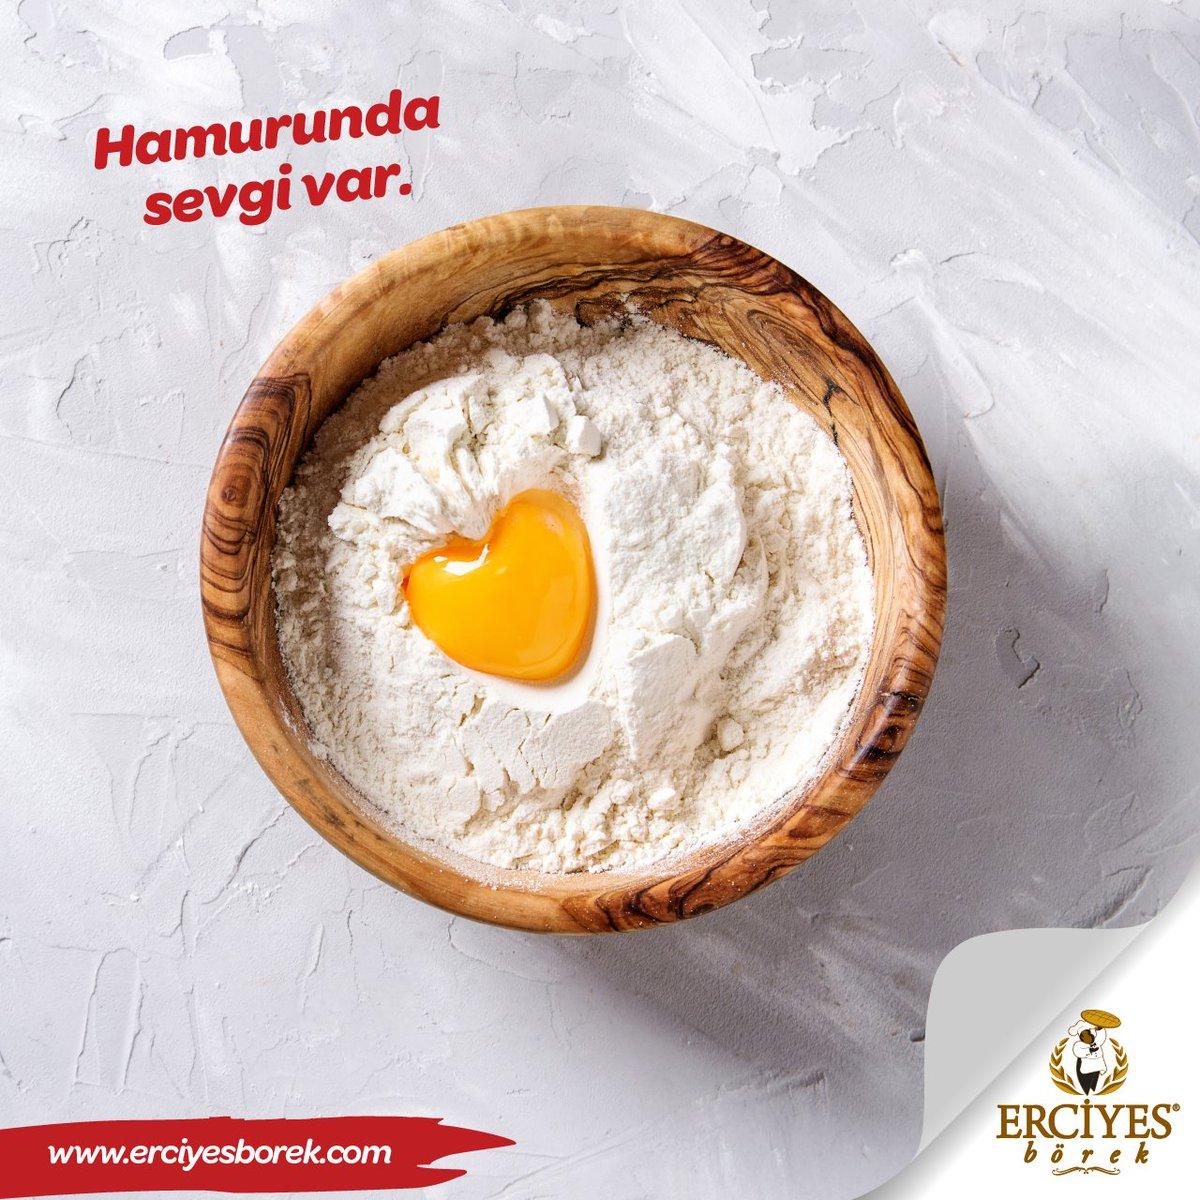 Sevgi ile yoğurulan hamurdan yapılan enfes lezzetler..  #erciyesborek #baklava #borek https://t.co/tQmEMNxuFR